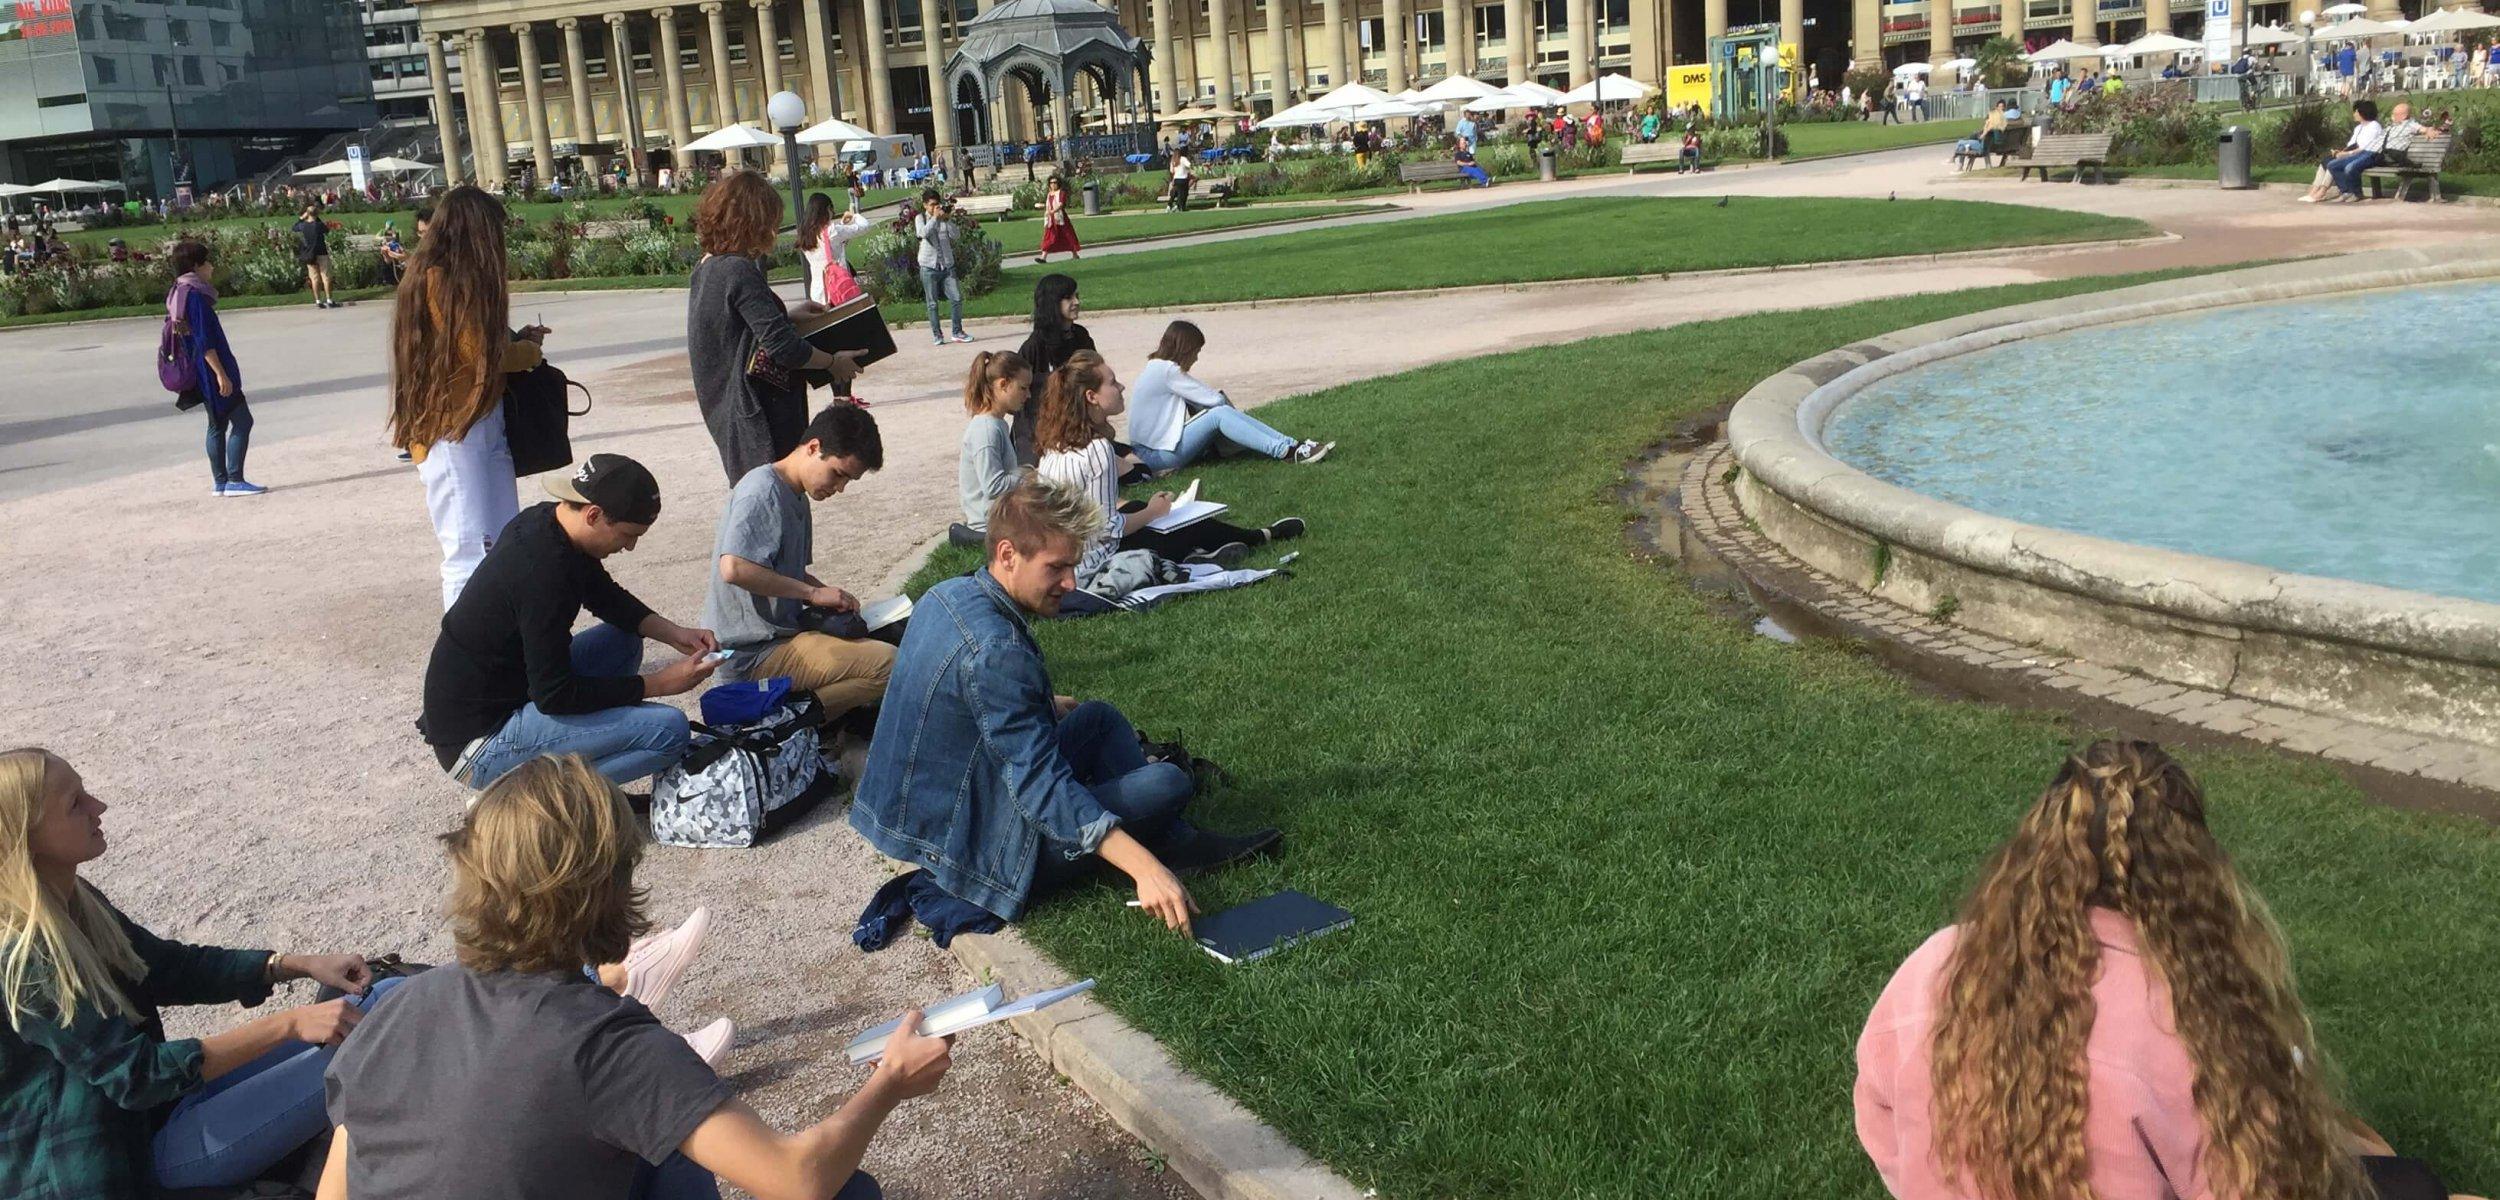 Urban Sketching am Schlossplatz